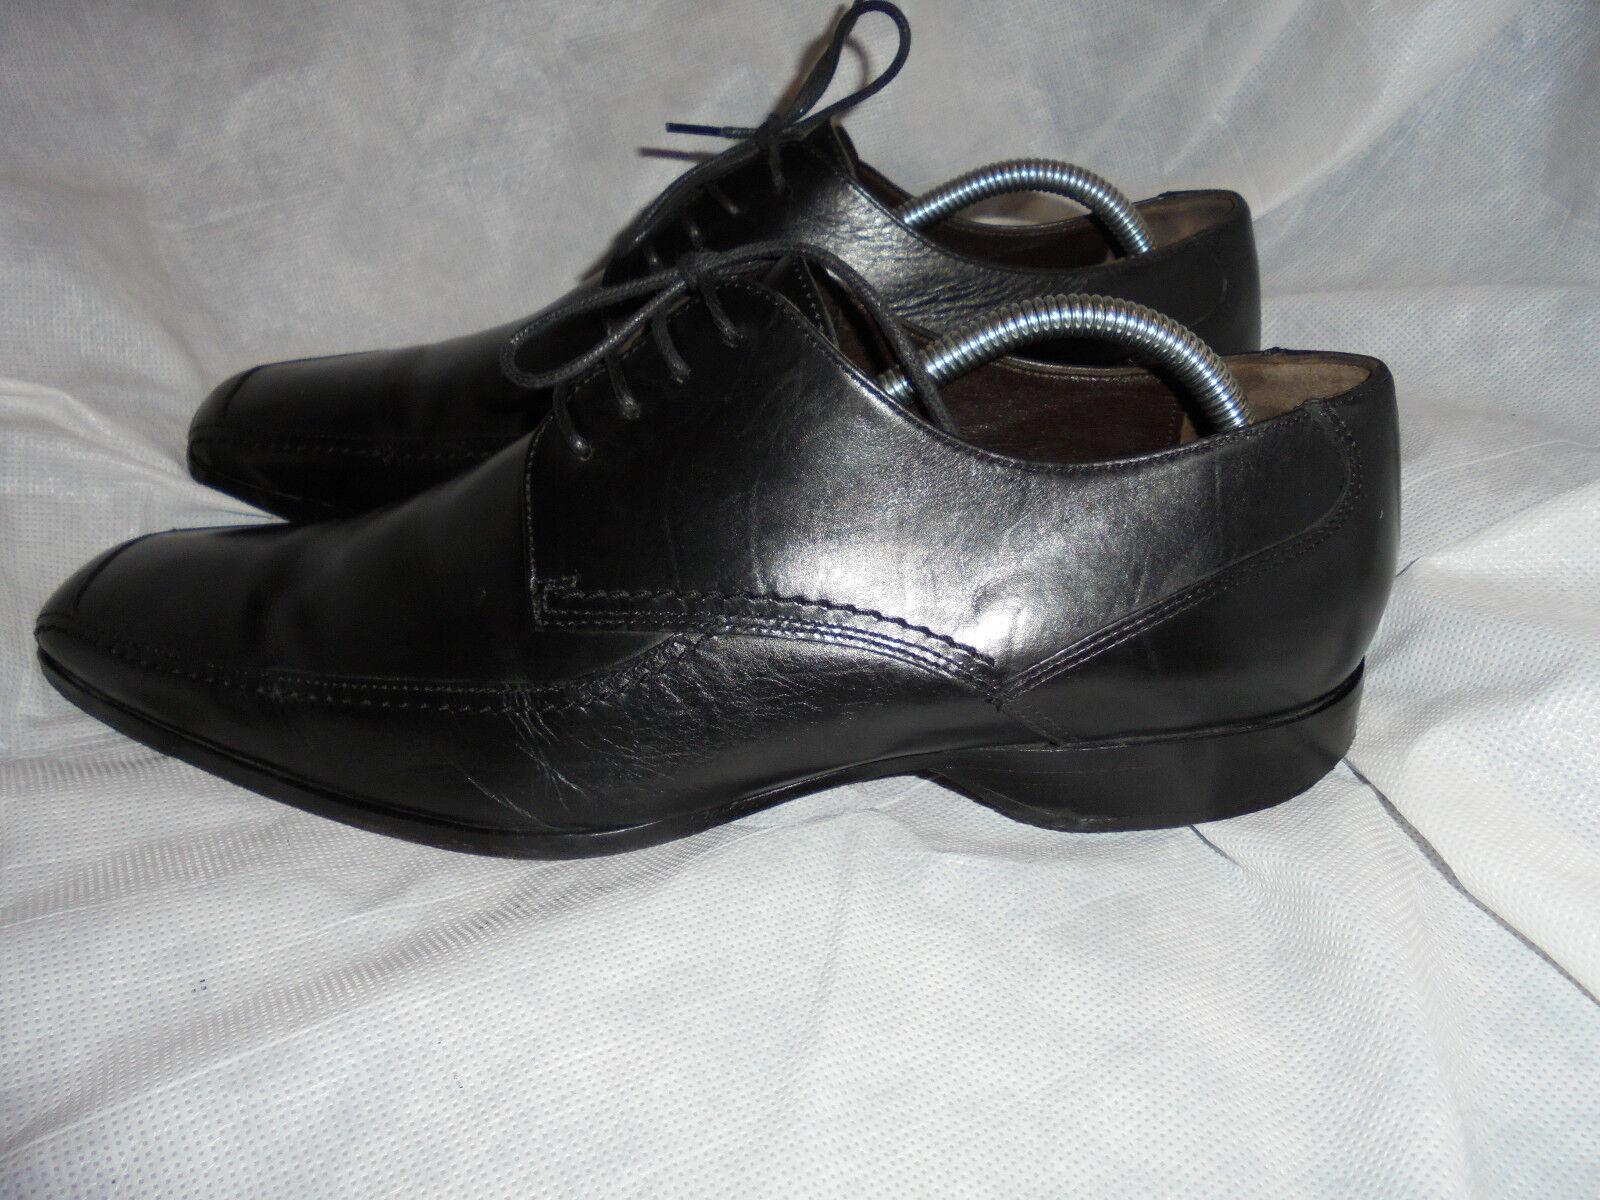 LOAKE para hombre Negro Cuero Con Cordones Zapatos Talla Uk 10 EU 44 en muy buena condición